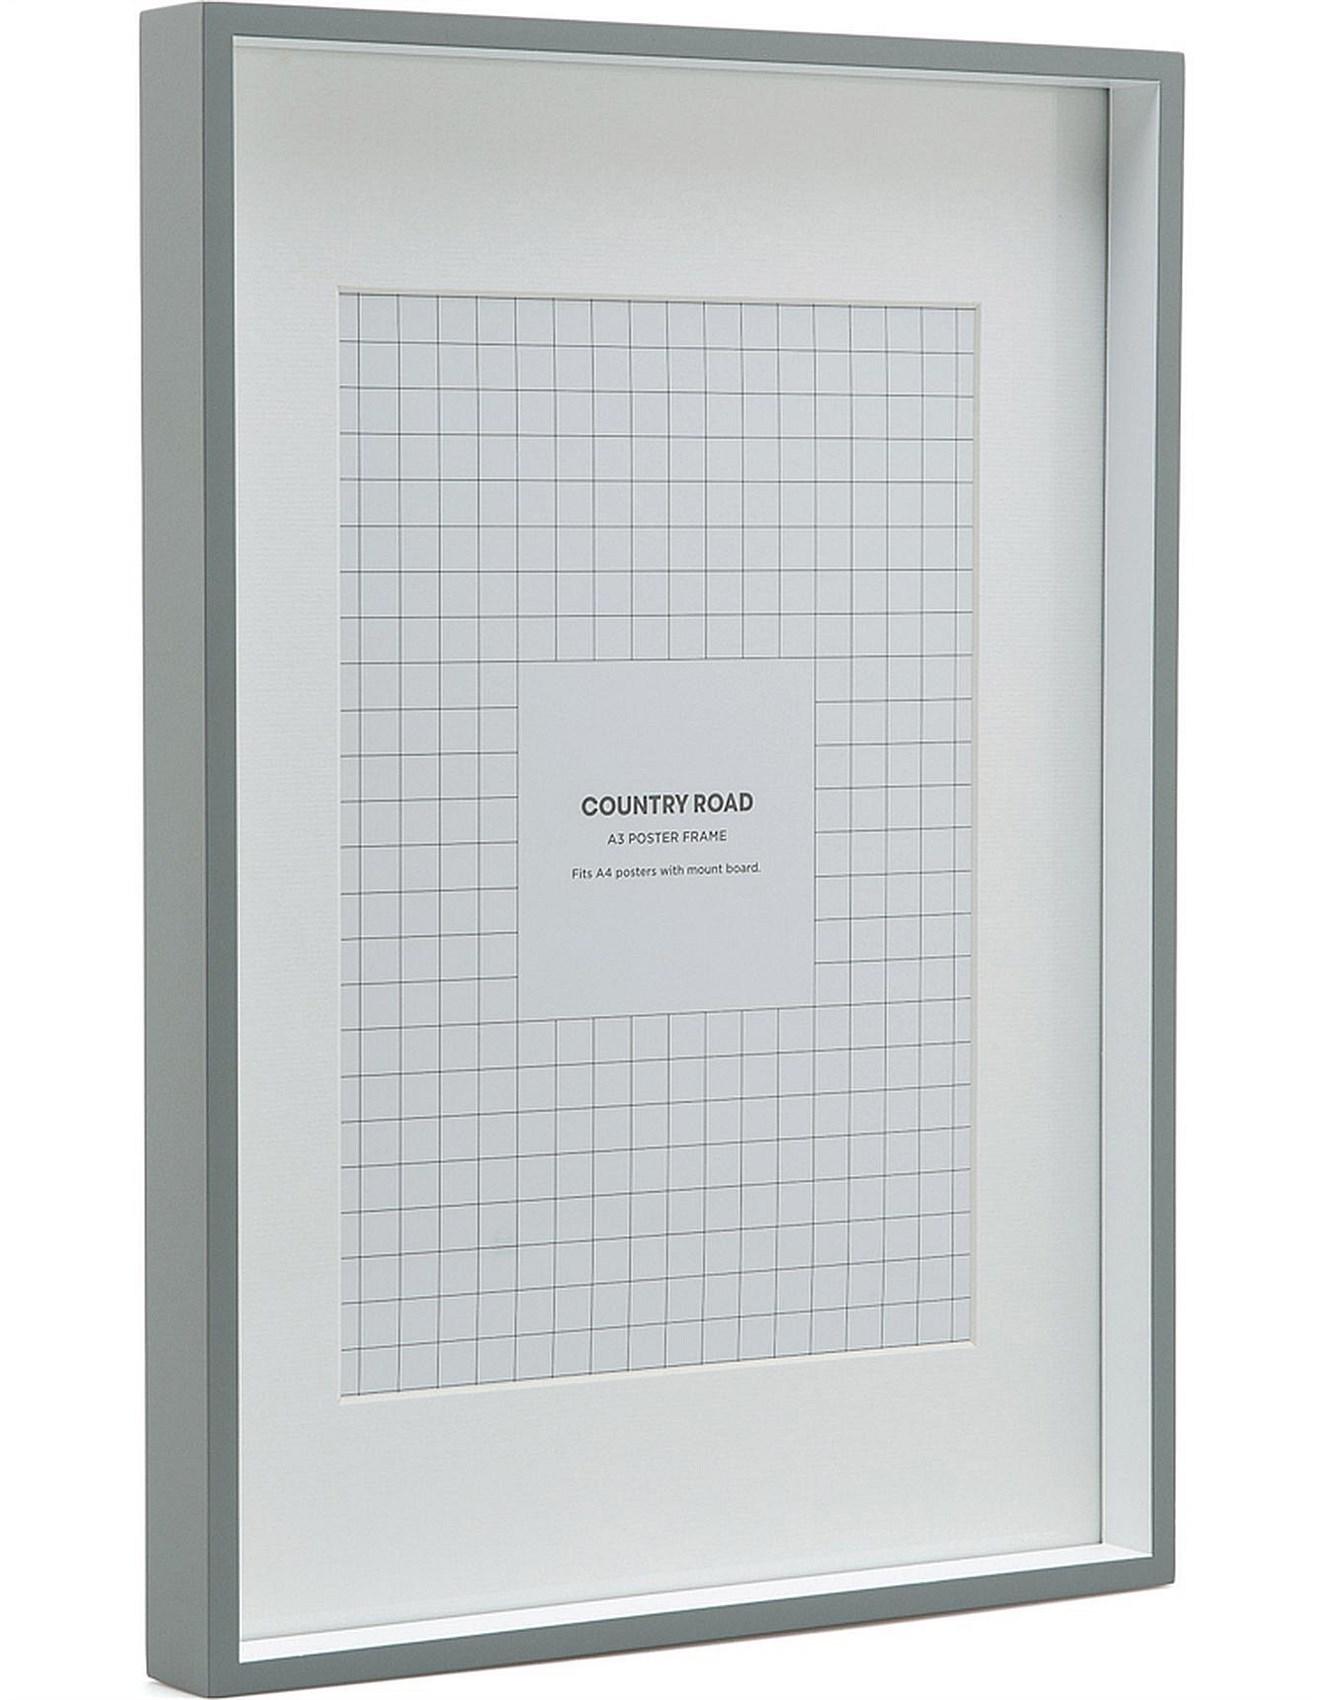 photo frames albums picture frames online david. Black Bedroom Furniture Sets. Home Design Ideas